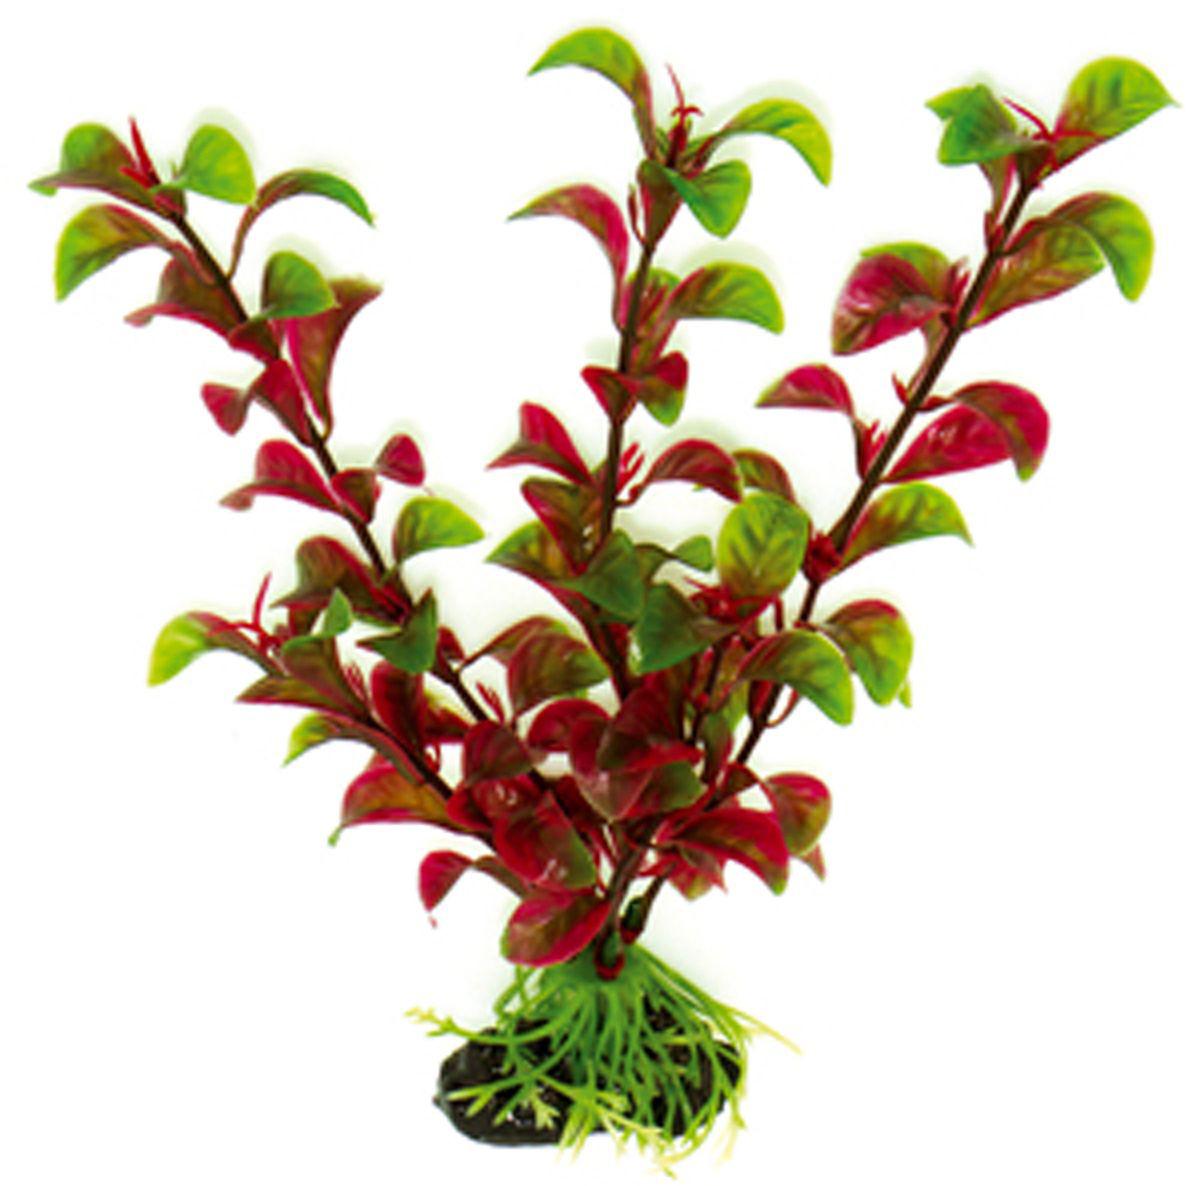 Искусственное растение для аквариума Dezzie, 20 см. 5602038JBL6054200Подводное искусственное растение для аквариума Dezzie является неотъемлемой частью композиции аквариума, радует глаз, а также может быть уютным убежищем для рыб и других обитателей аквариума. Пластиковое растение имеет устойчивое дно, которое не нуждается в дополнительном утяжелении и легко устанавливается в грунт. Растение очень практично в использовании, имеет стойкую к воздействию воды окраску и не требует обременительного ухода. Его можно легко достать и протереть тряпкой во время уборки аквариума. Растения из пластика создадут неповторимый дизайн пресноводного или морского аквариума.Высота растения: 20 см.